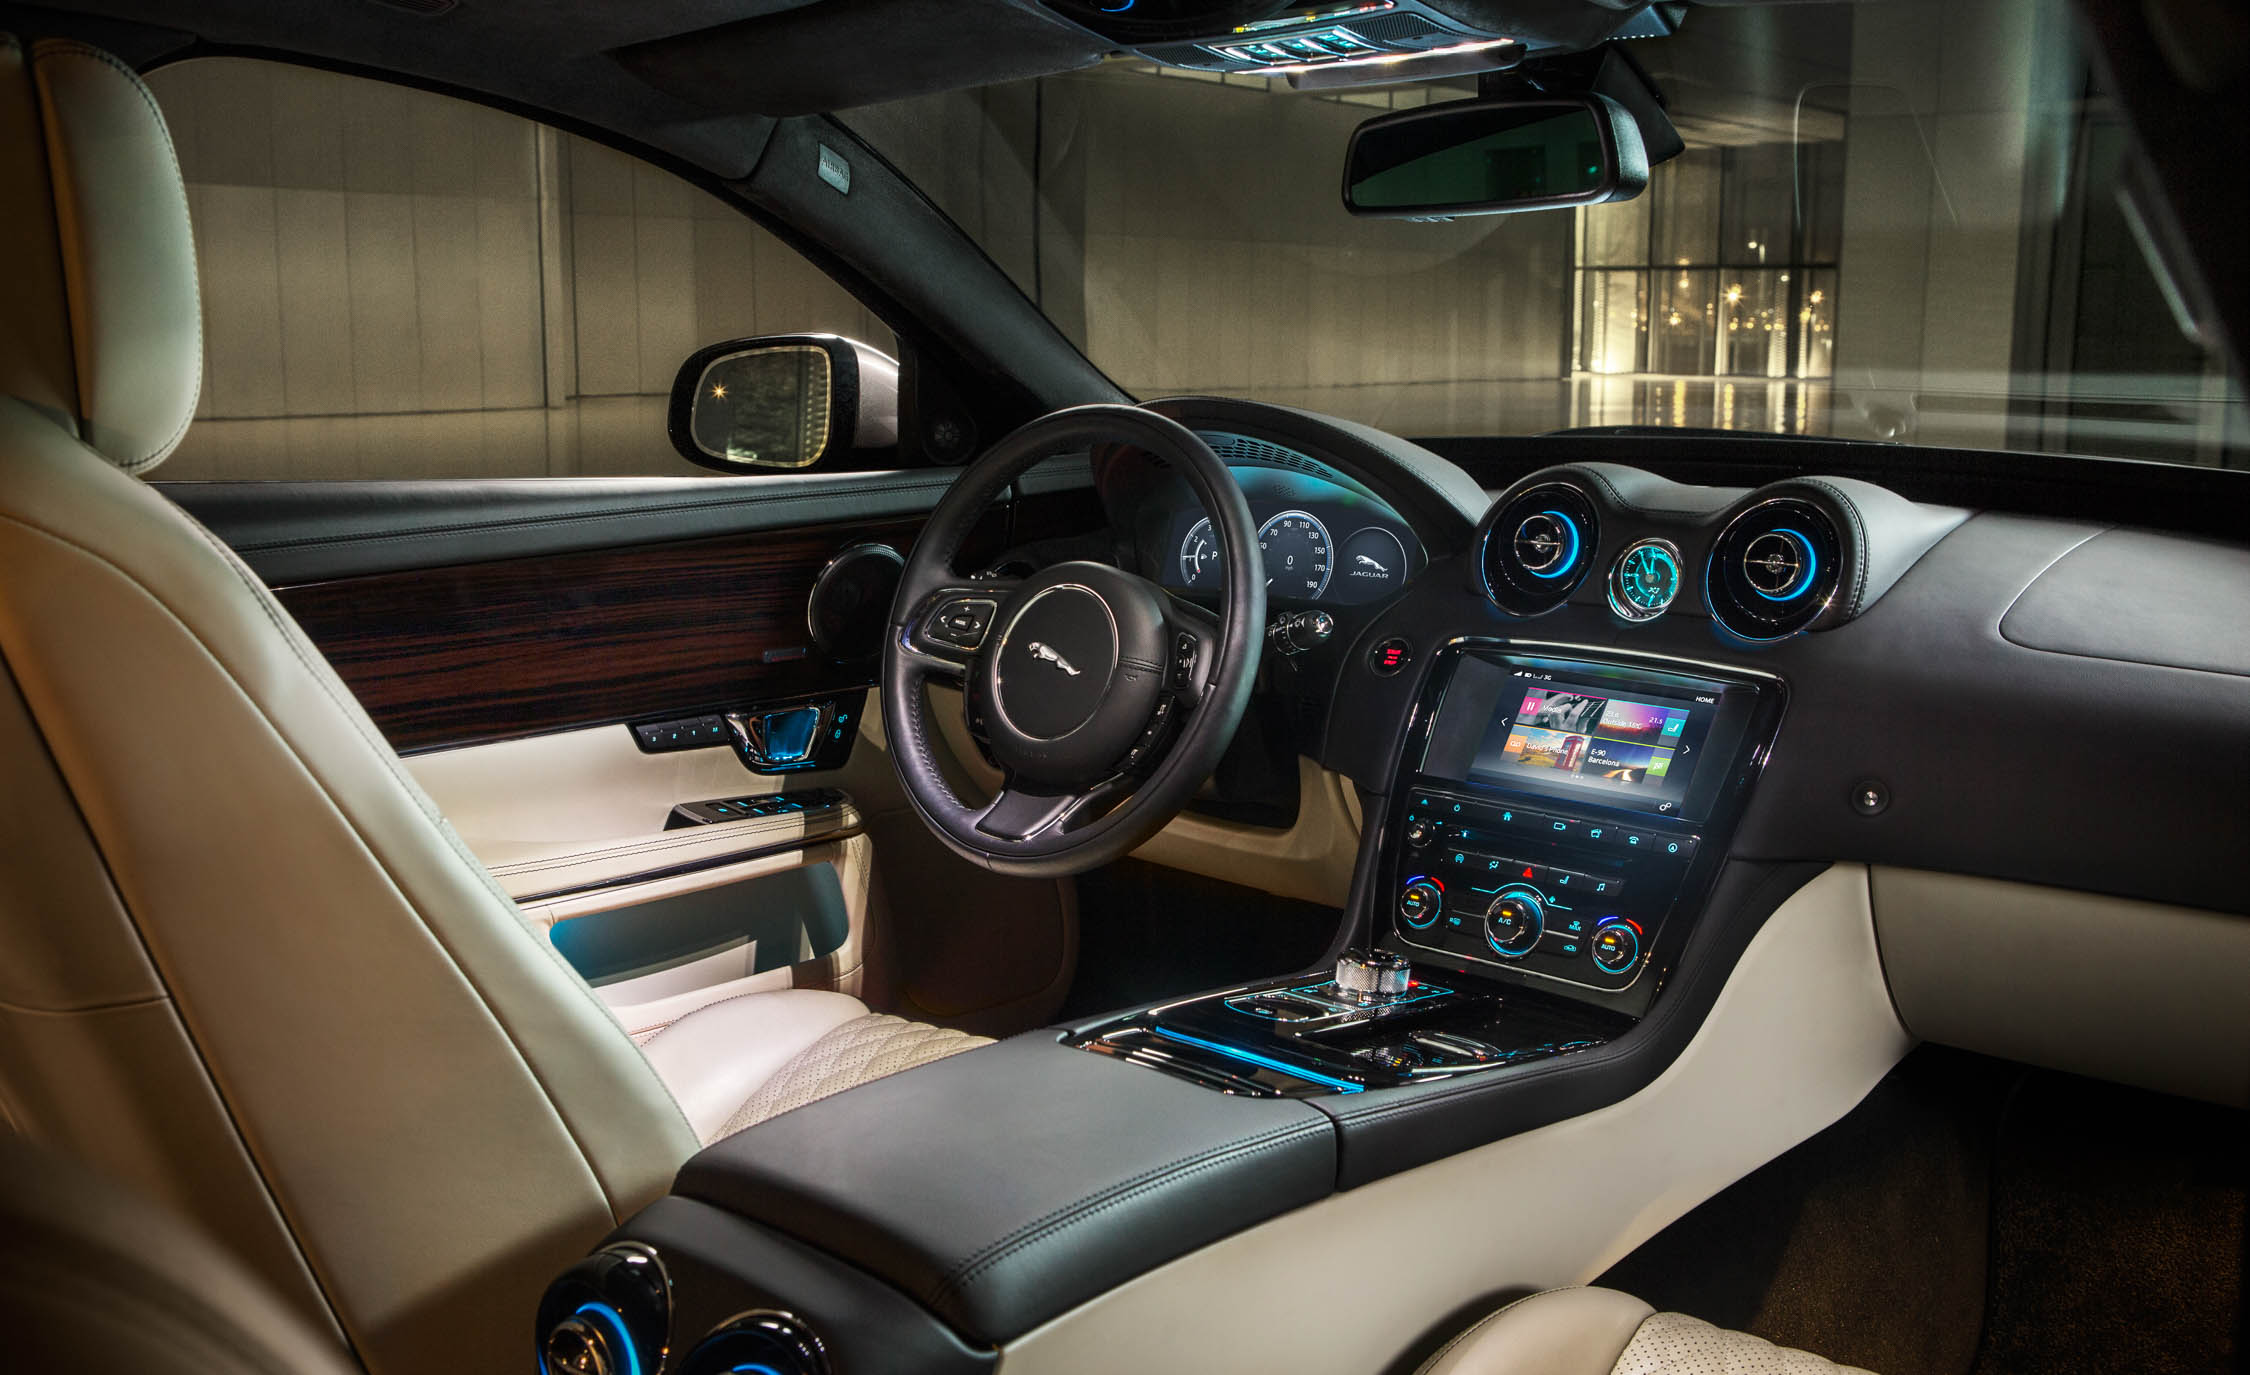 2016 Jaguar XJL Cockpit Interior